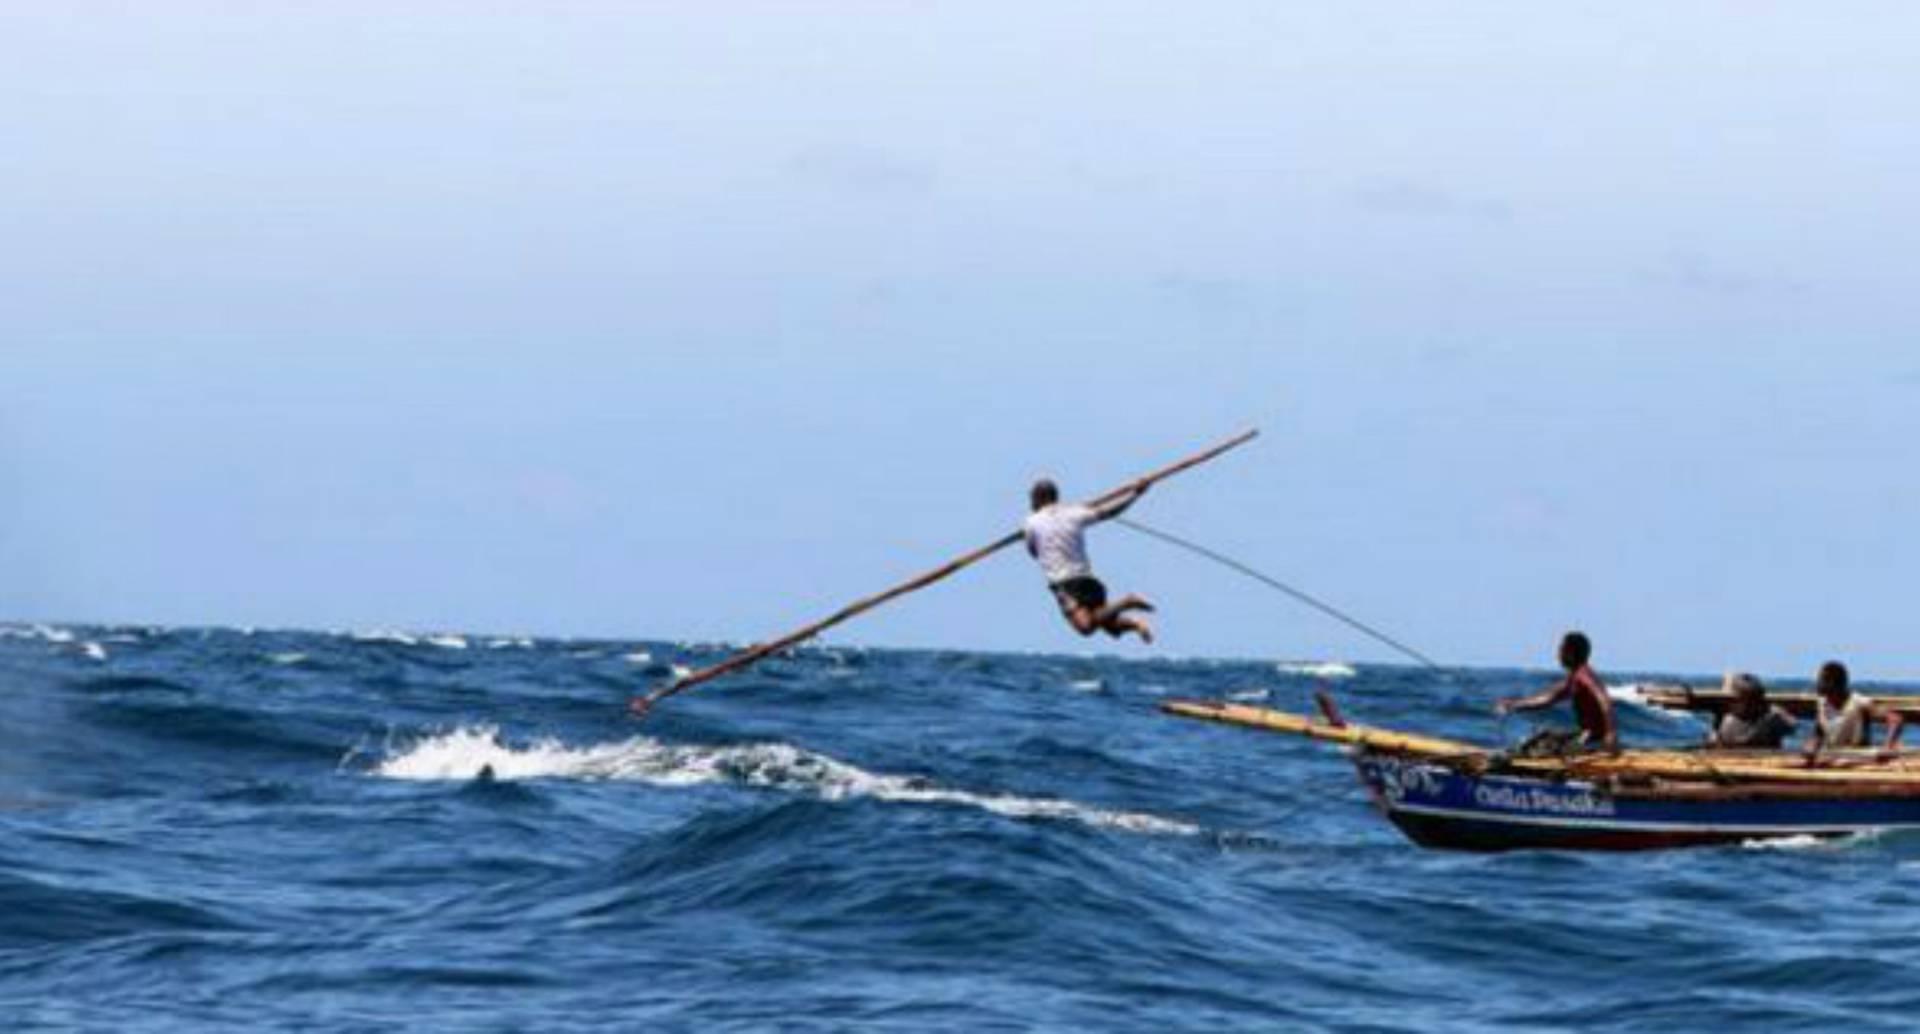 Islandia es -junto a Noruega- el único país del mundo que autoriza la caza de ballenas. Foto: archivo/Semana.